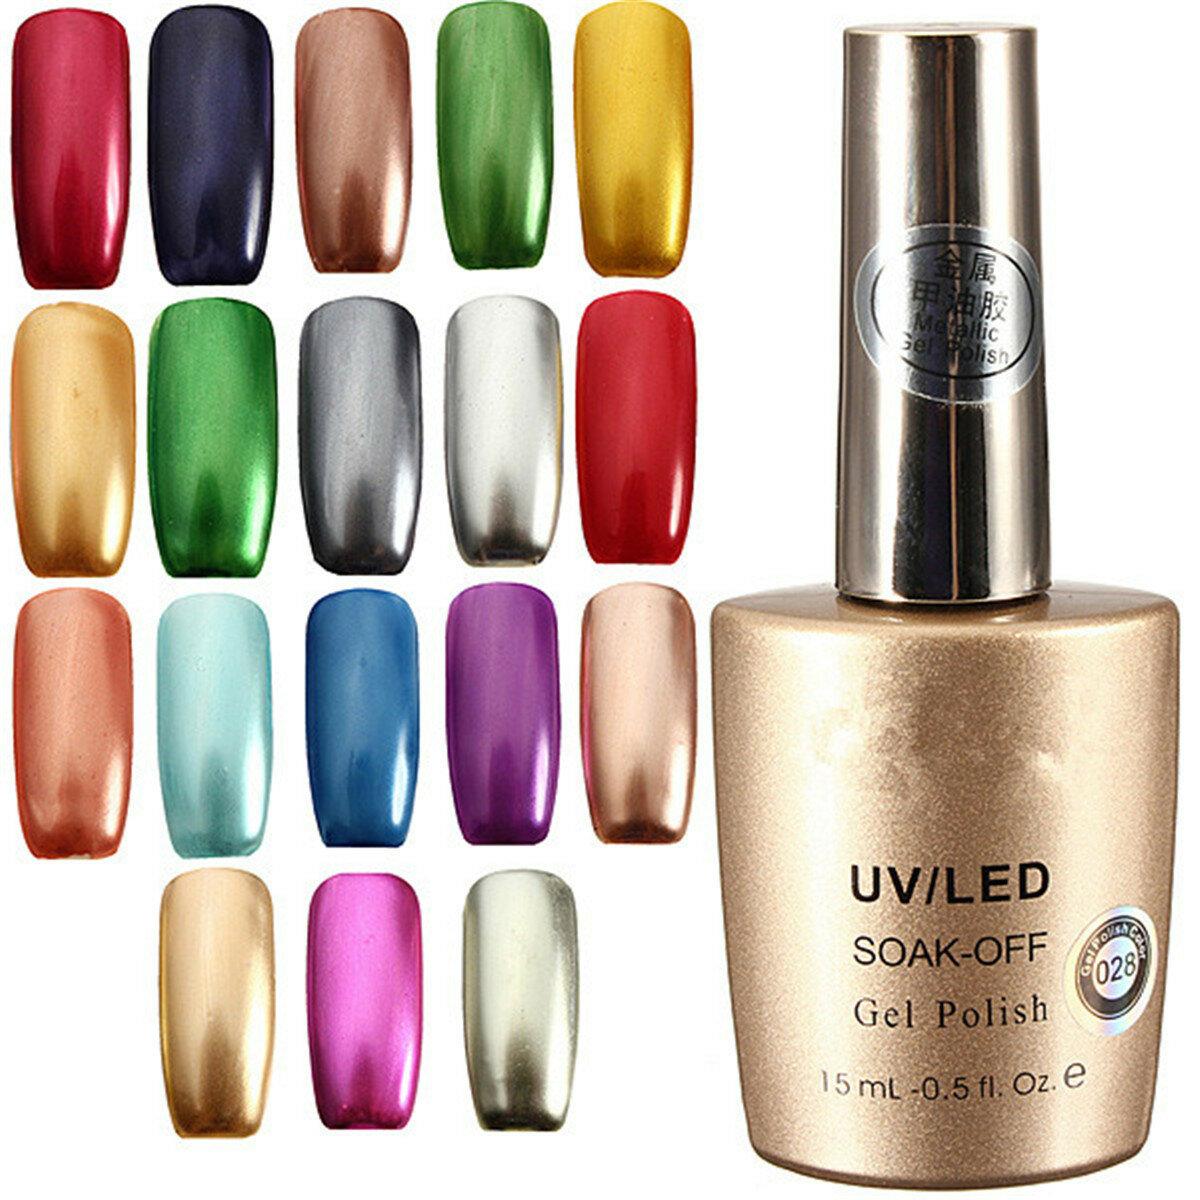 17 Colors 15ml Metallic Soak Off Metal Nail UV Gel Polish